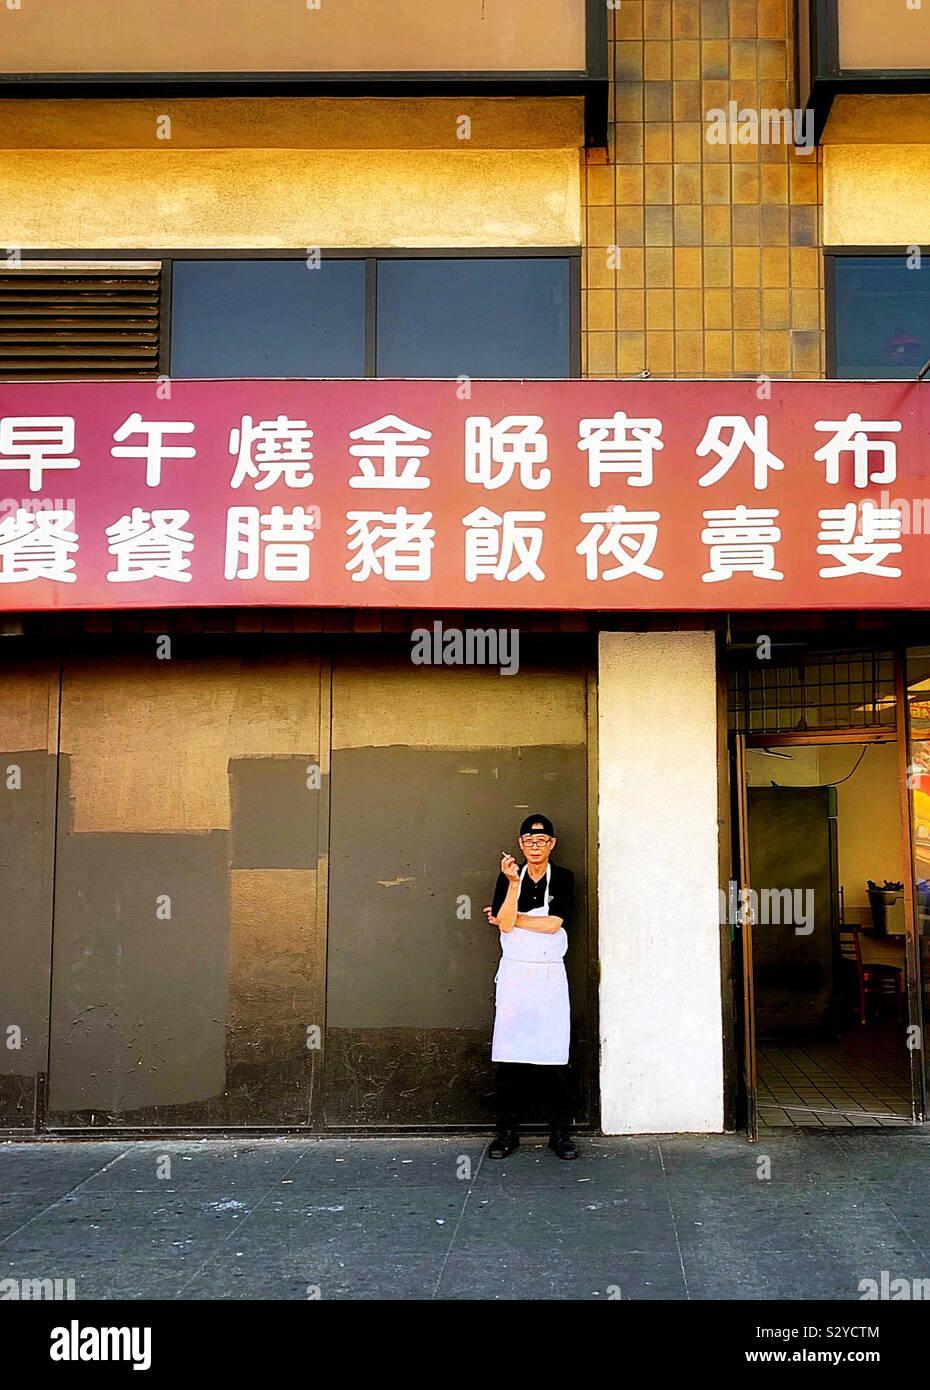 Il cuoco si fermò al di fuori il suo ristorante di lavoro per prendere la sua pausa per godersi il fumo Foto Stock